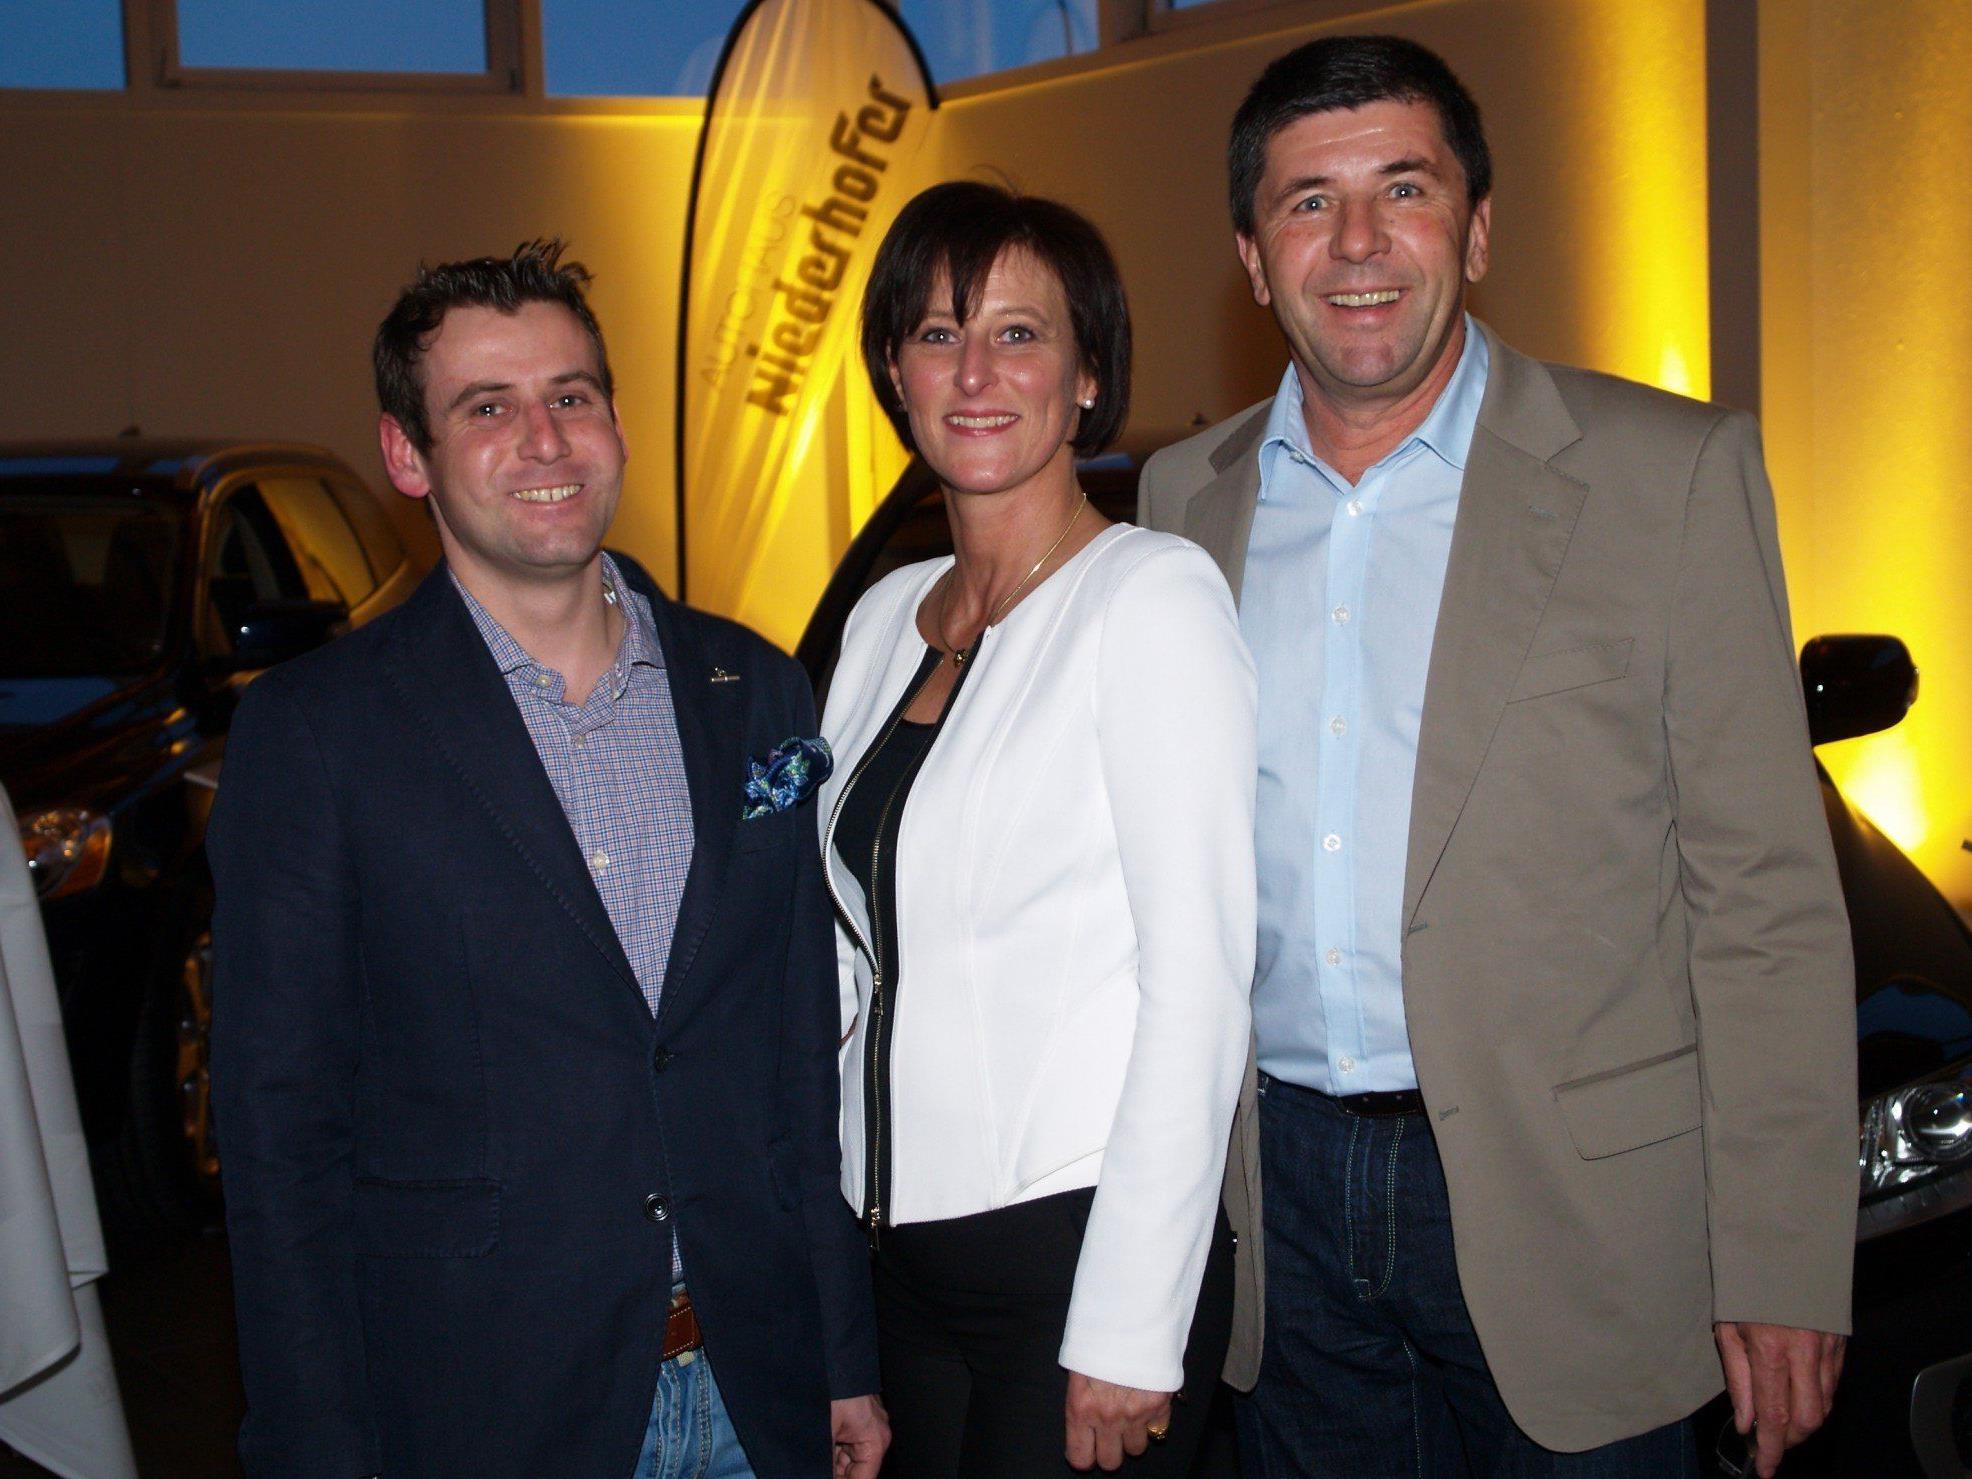 Sabine Wolf, Werner Niederhofer und Wolfgang Rother konnte zahlreiche Gäste begrüßen.